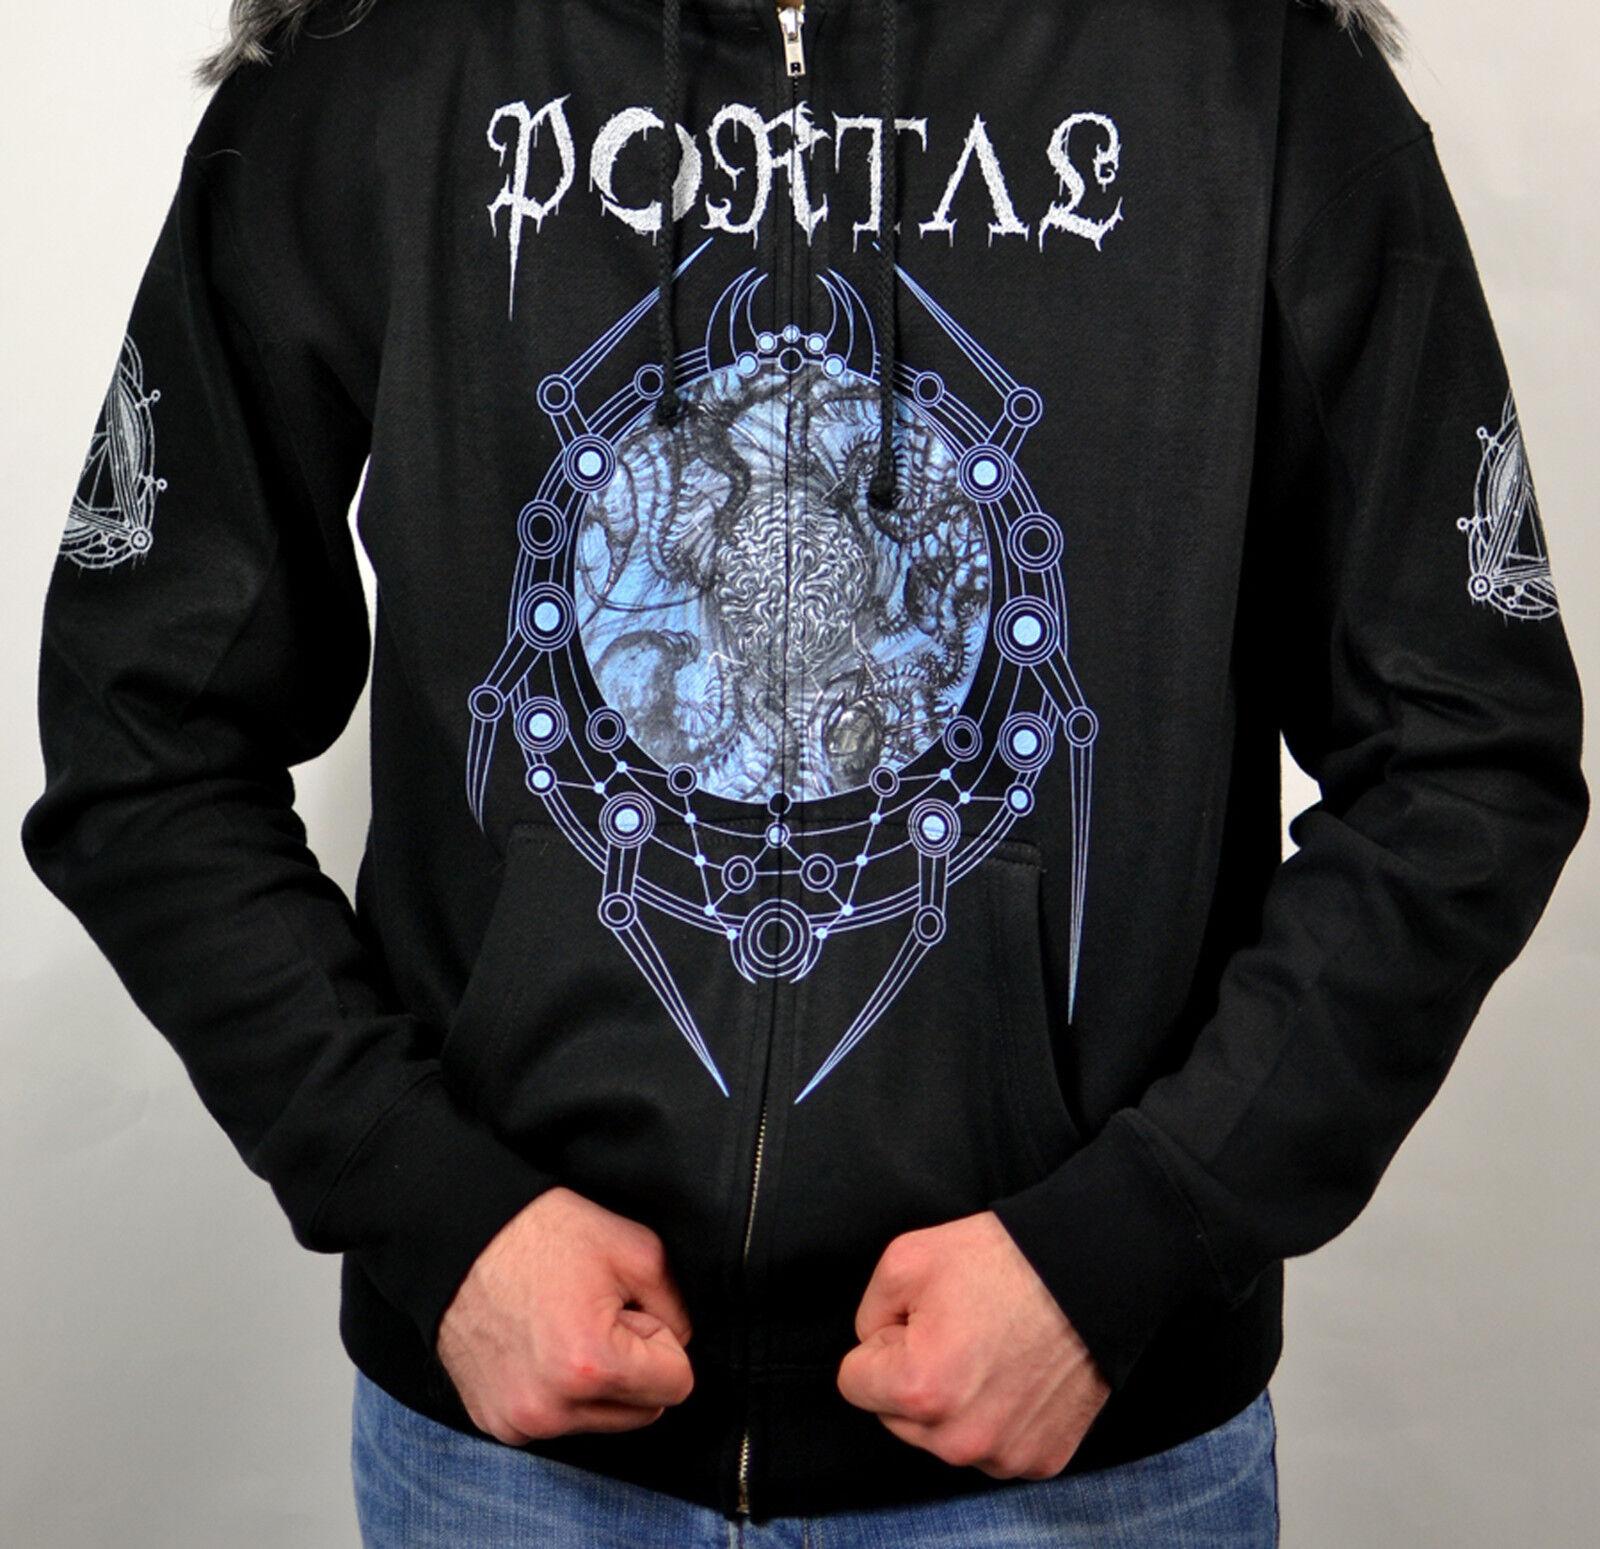 Portal Vexovoid 2013 Album Cover Zipper Sweatshirt